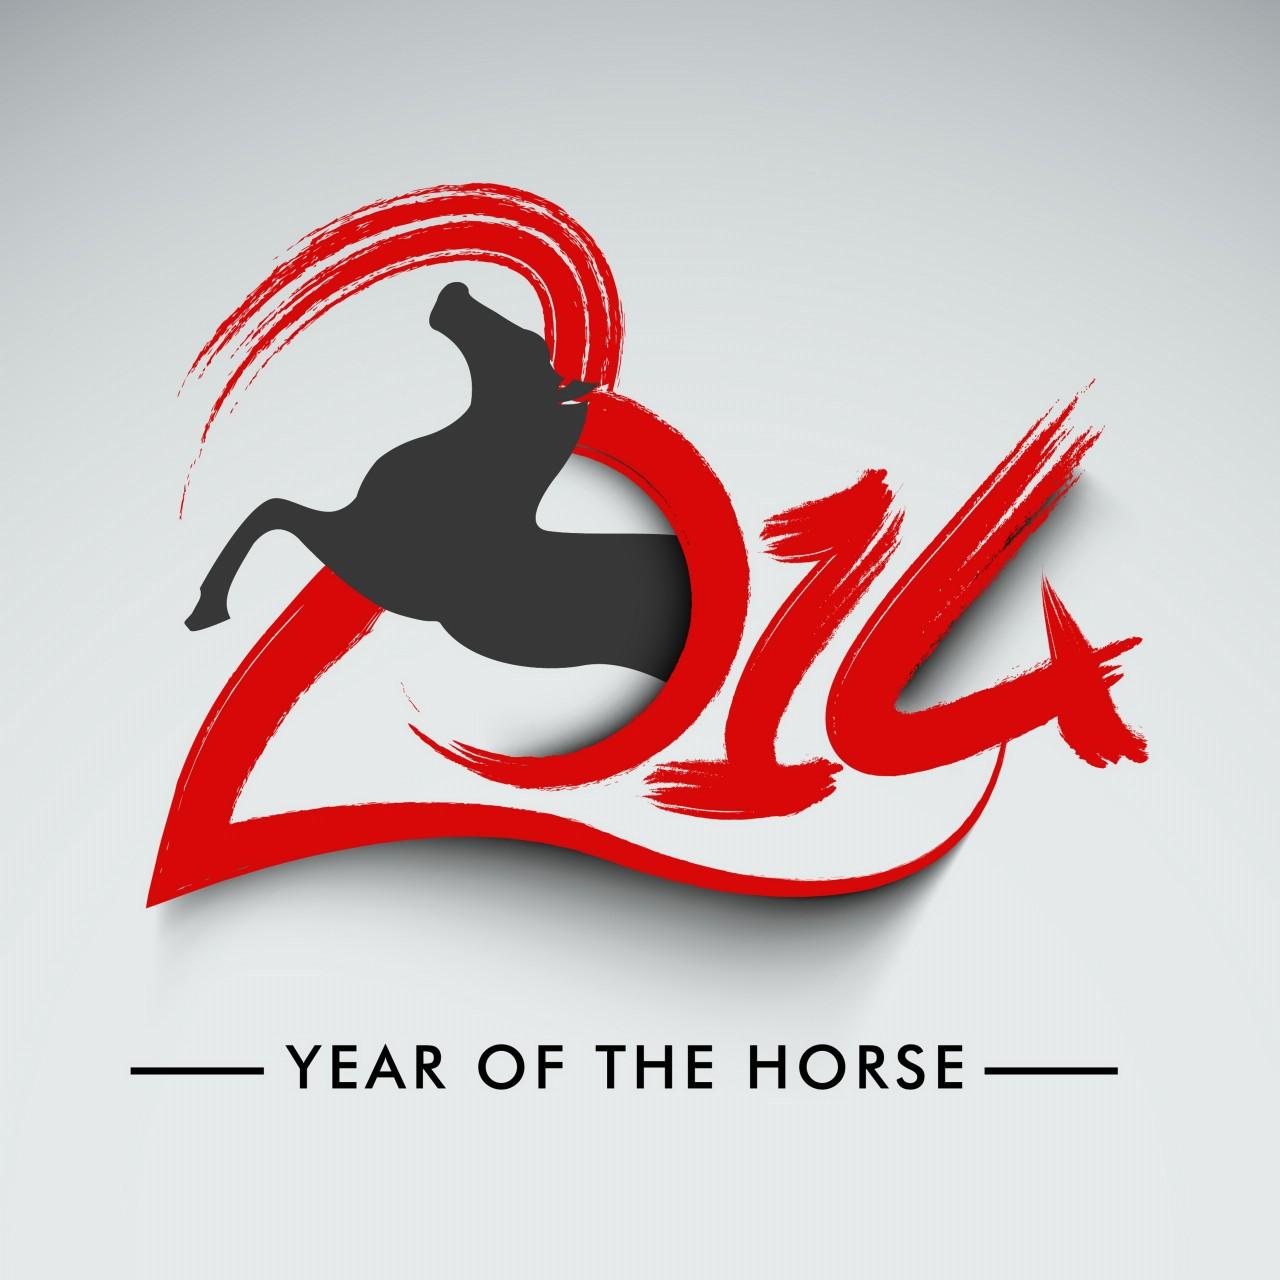 cny horse wallpaper - photo #4